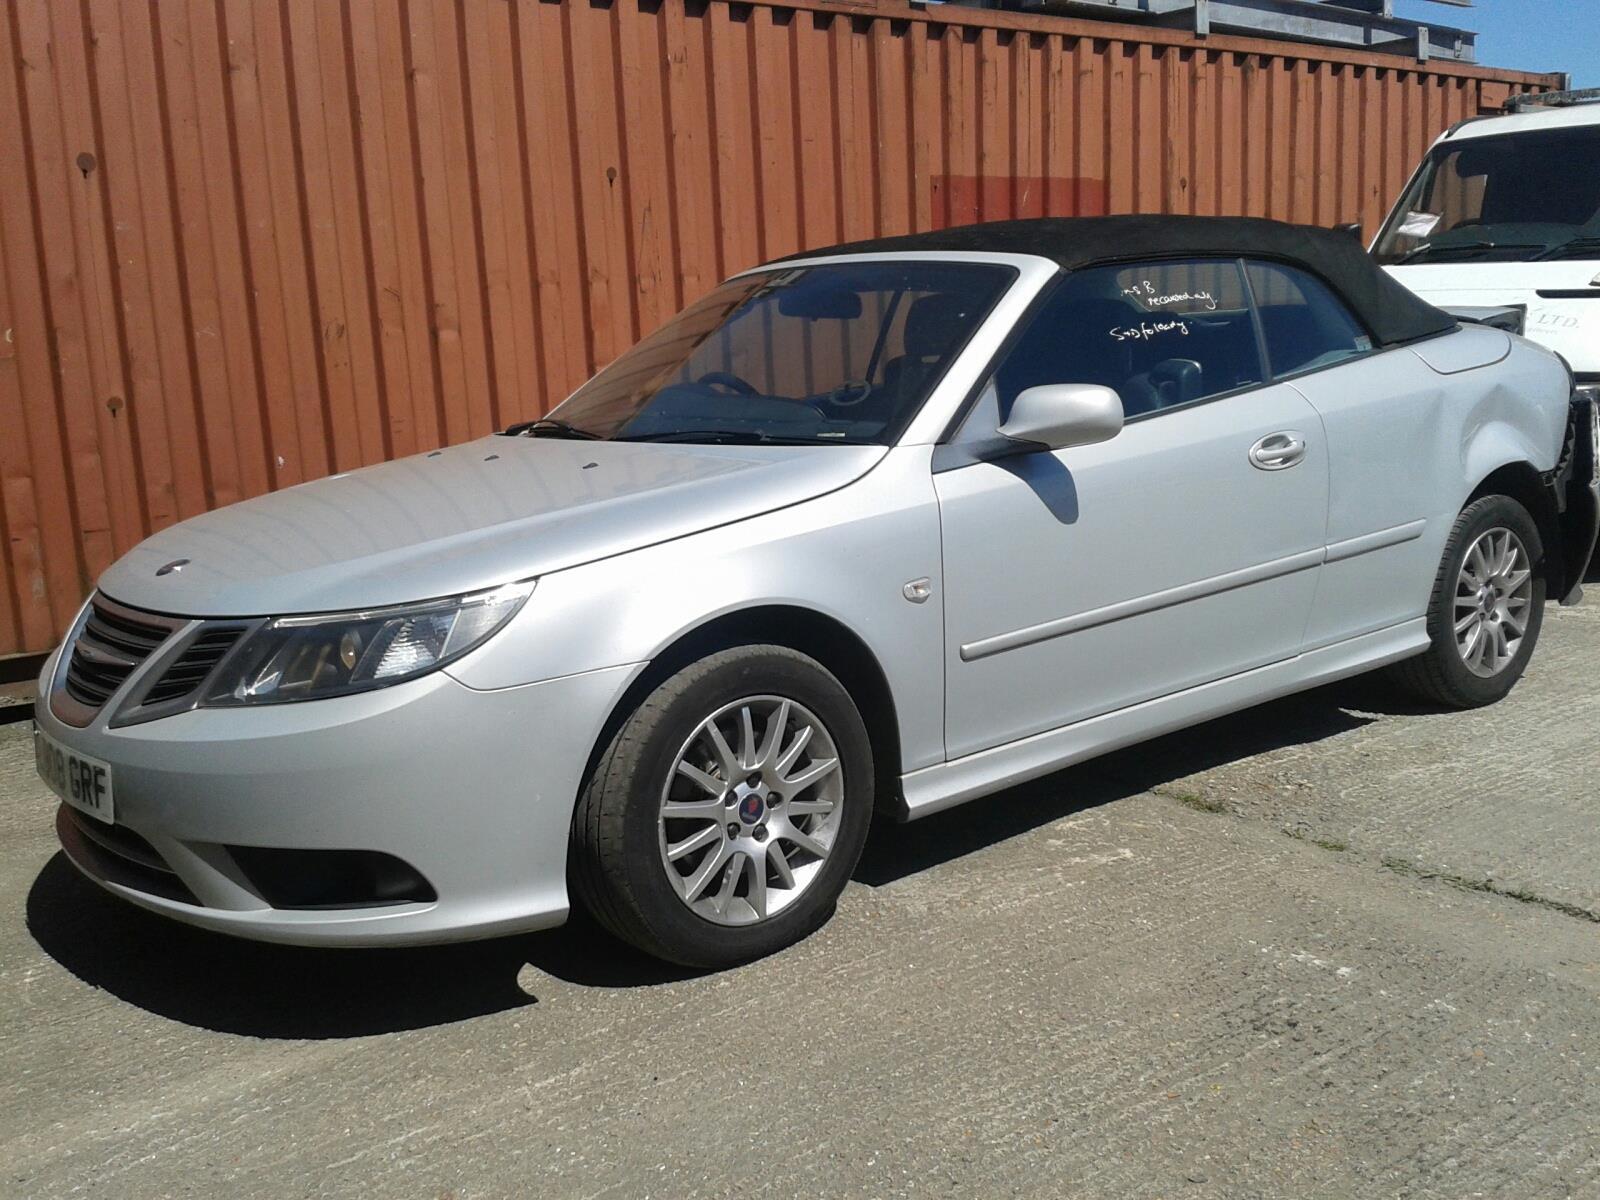 Saab 9-3 2007 To 2011 2 Door Cabriolet